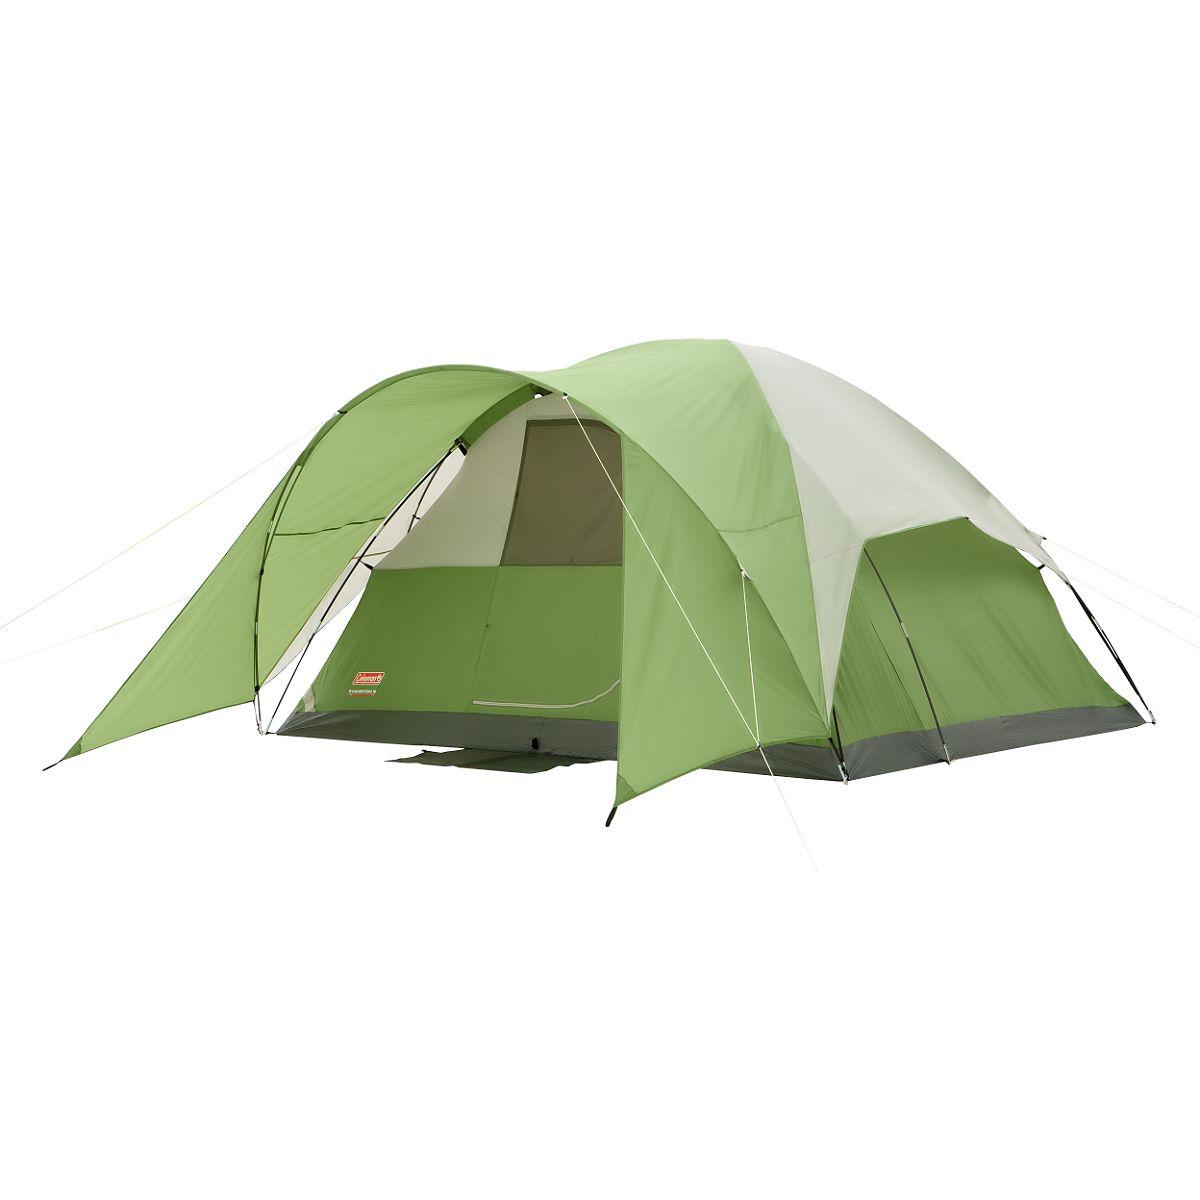 Coleman Evanston 6 Person Tent. noImageFound. 1  sc 1 st  DICKu0027S Sporting Goods & Coleman Evanston 6 Person Tent | DICKu0027S Sporting Goods